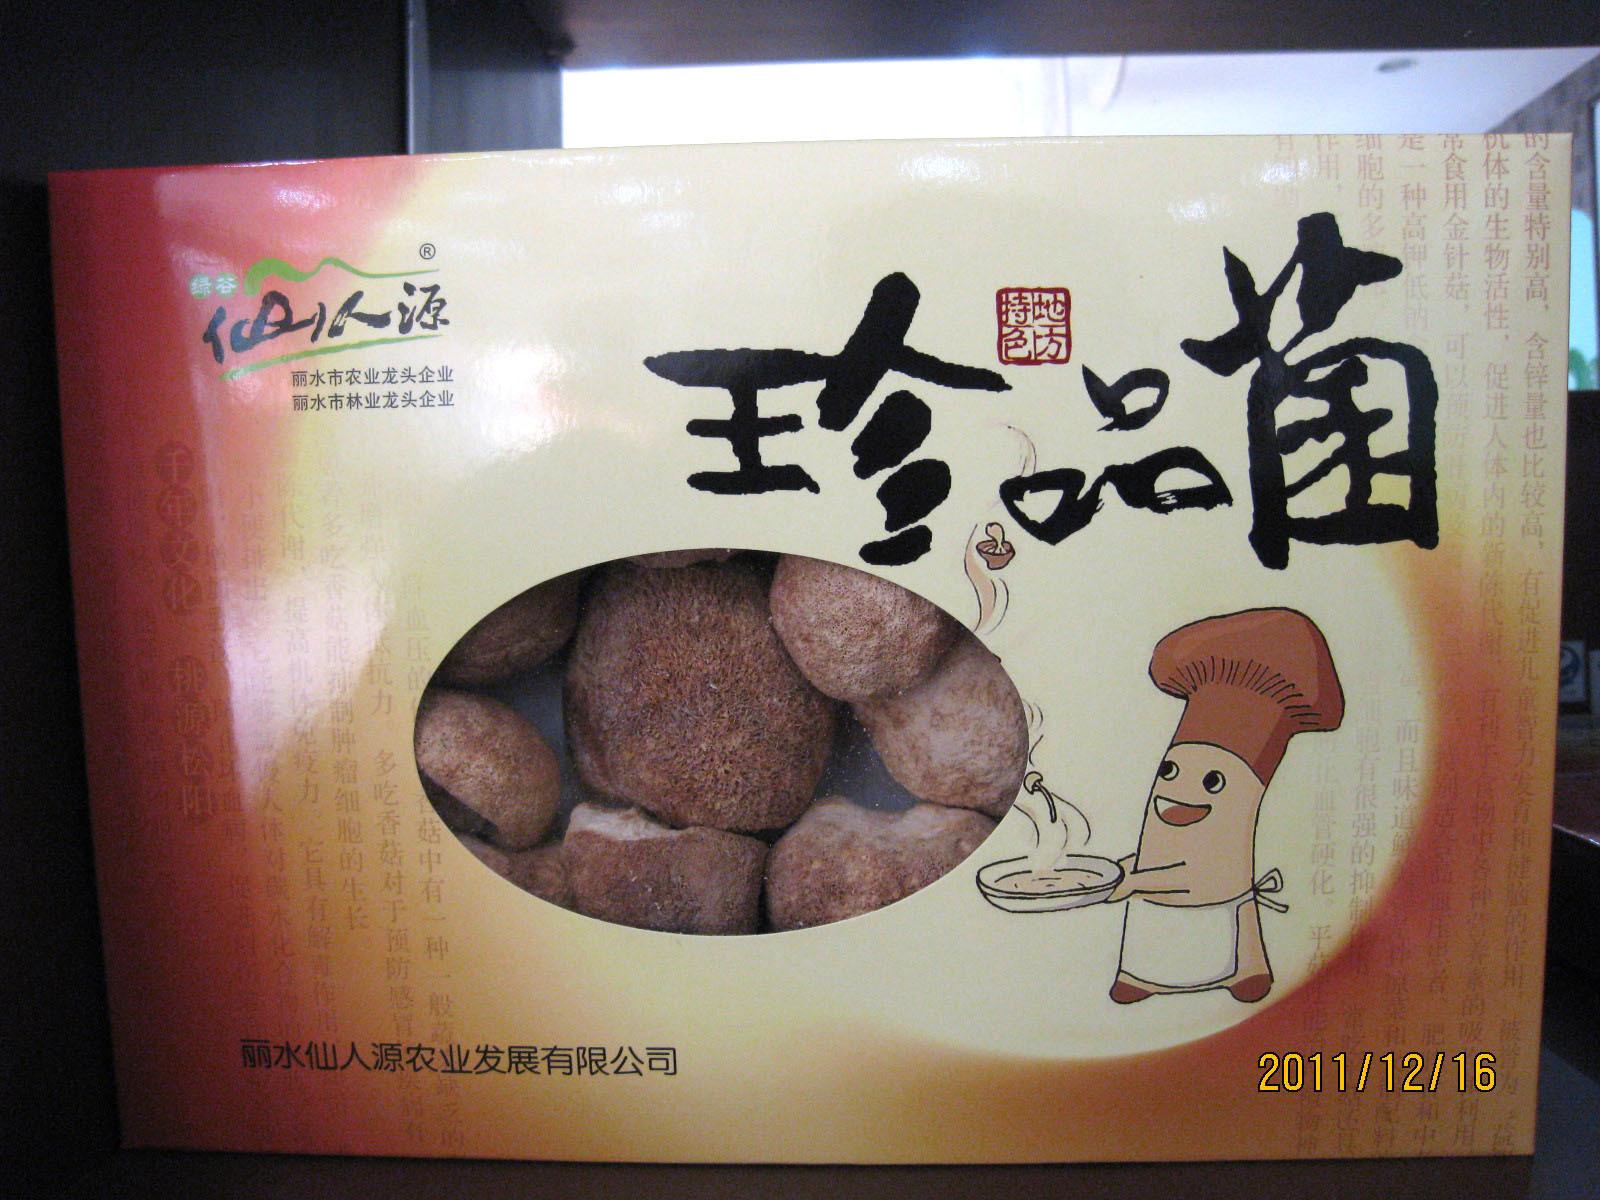 仙人源干货食用菌/特级猴头菇/猴头王/猴头蘑菇/猴头菌120g食用菌